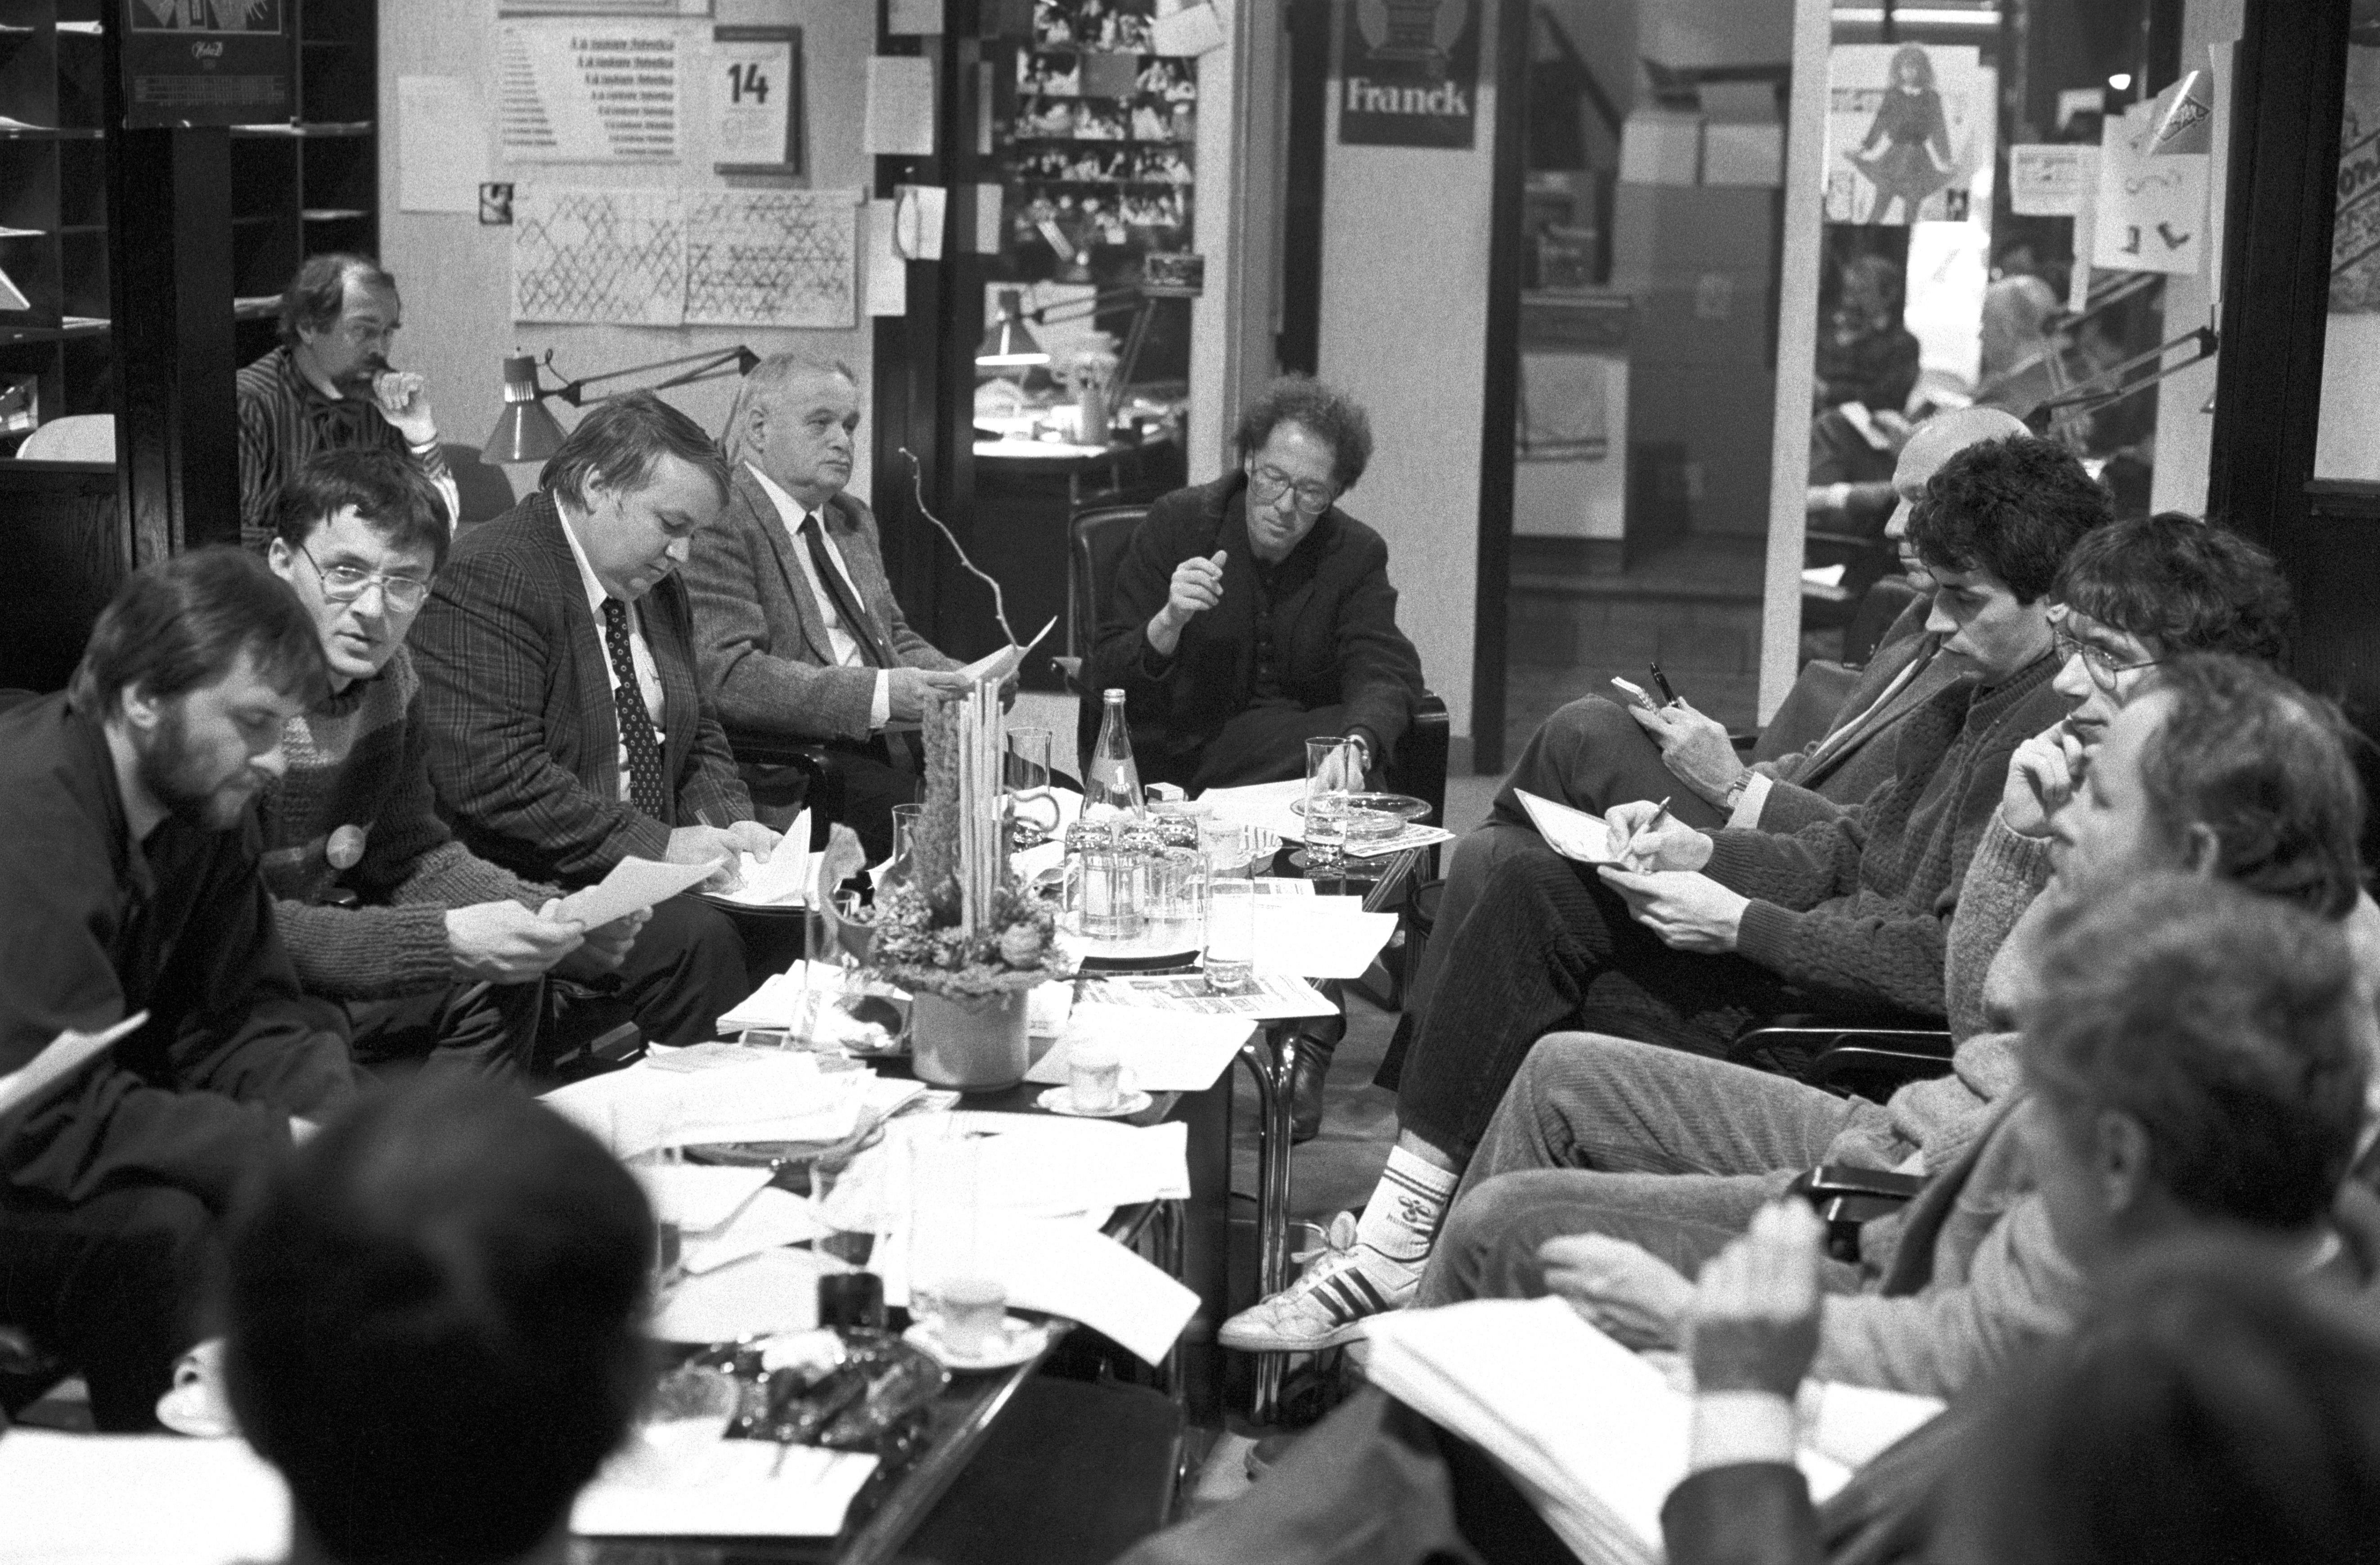 Most már értjük, hogy miért a Kapu és a Reform hívta össze az ellenzéki lapokat... A képen Tőke Péter, a Reform főszerkesztője (az asztalnál középen), mellette (a balján) Vásárhelyi Miklós. Mögöttük van Brády Zoltán?/ Fotó: MTI, 1989